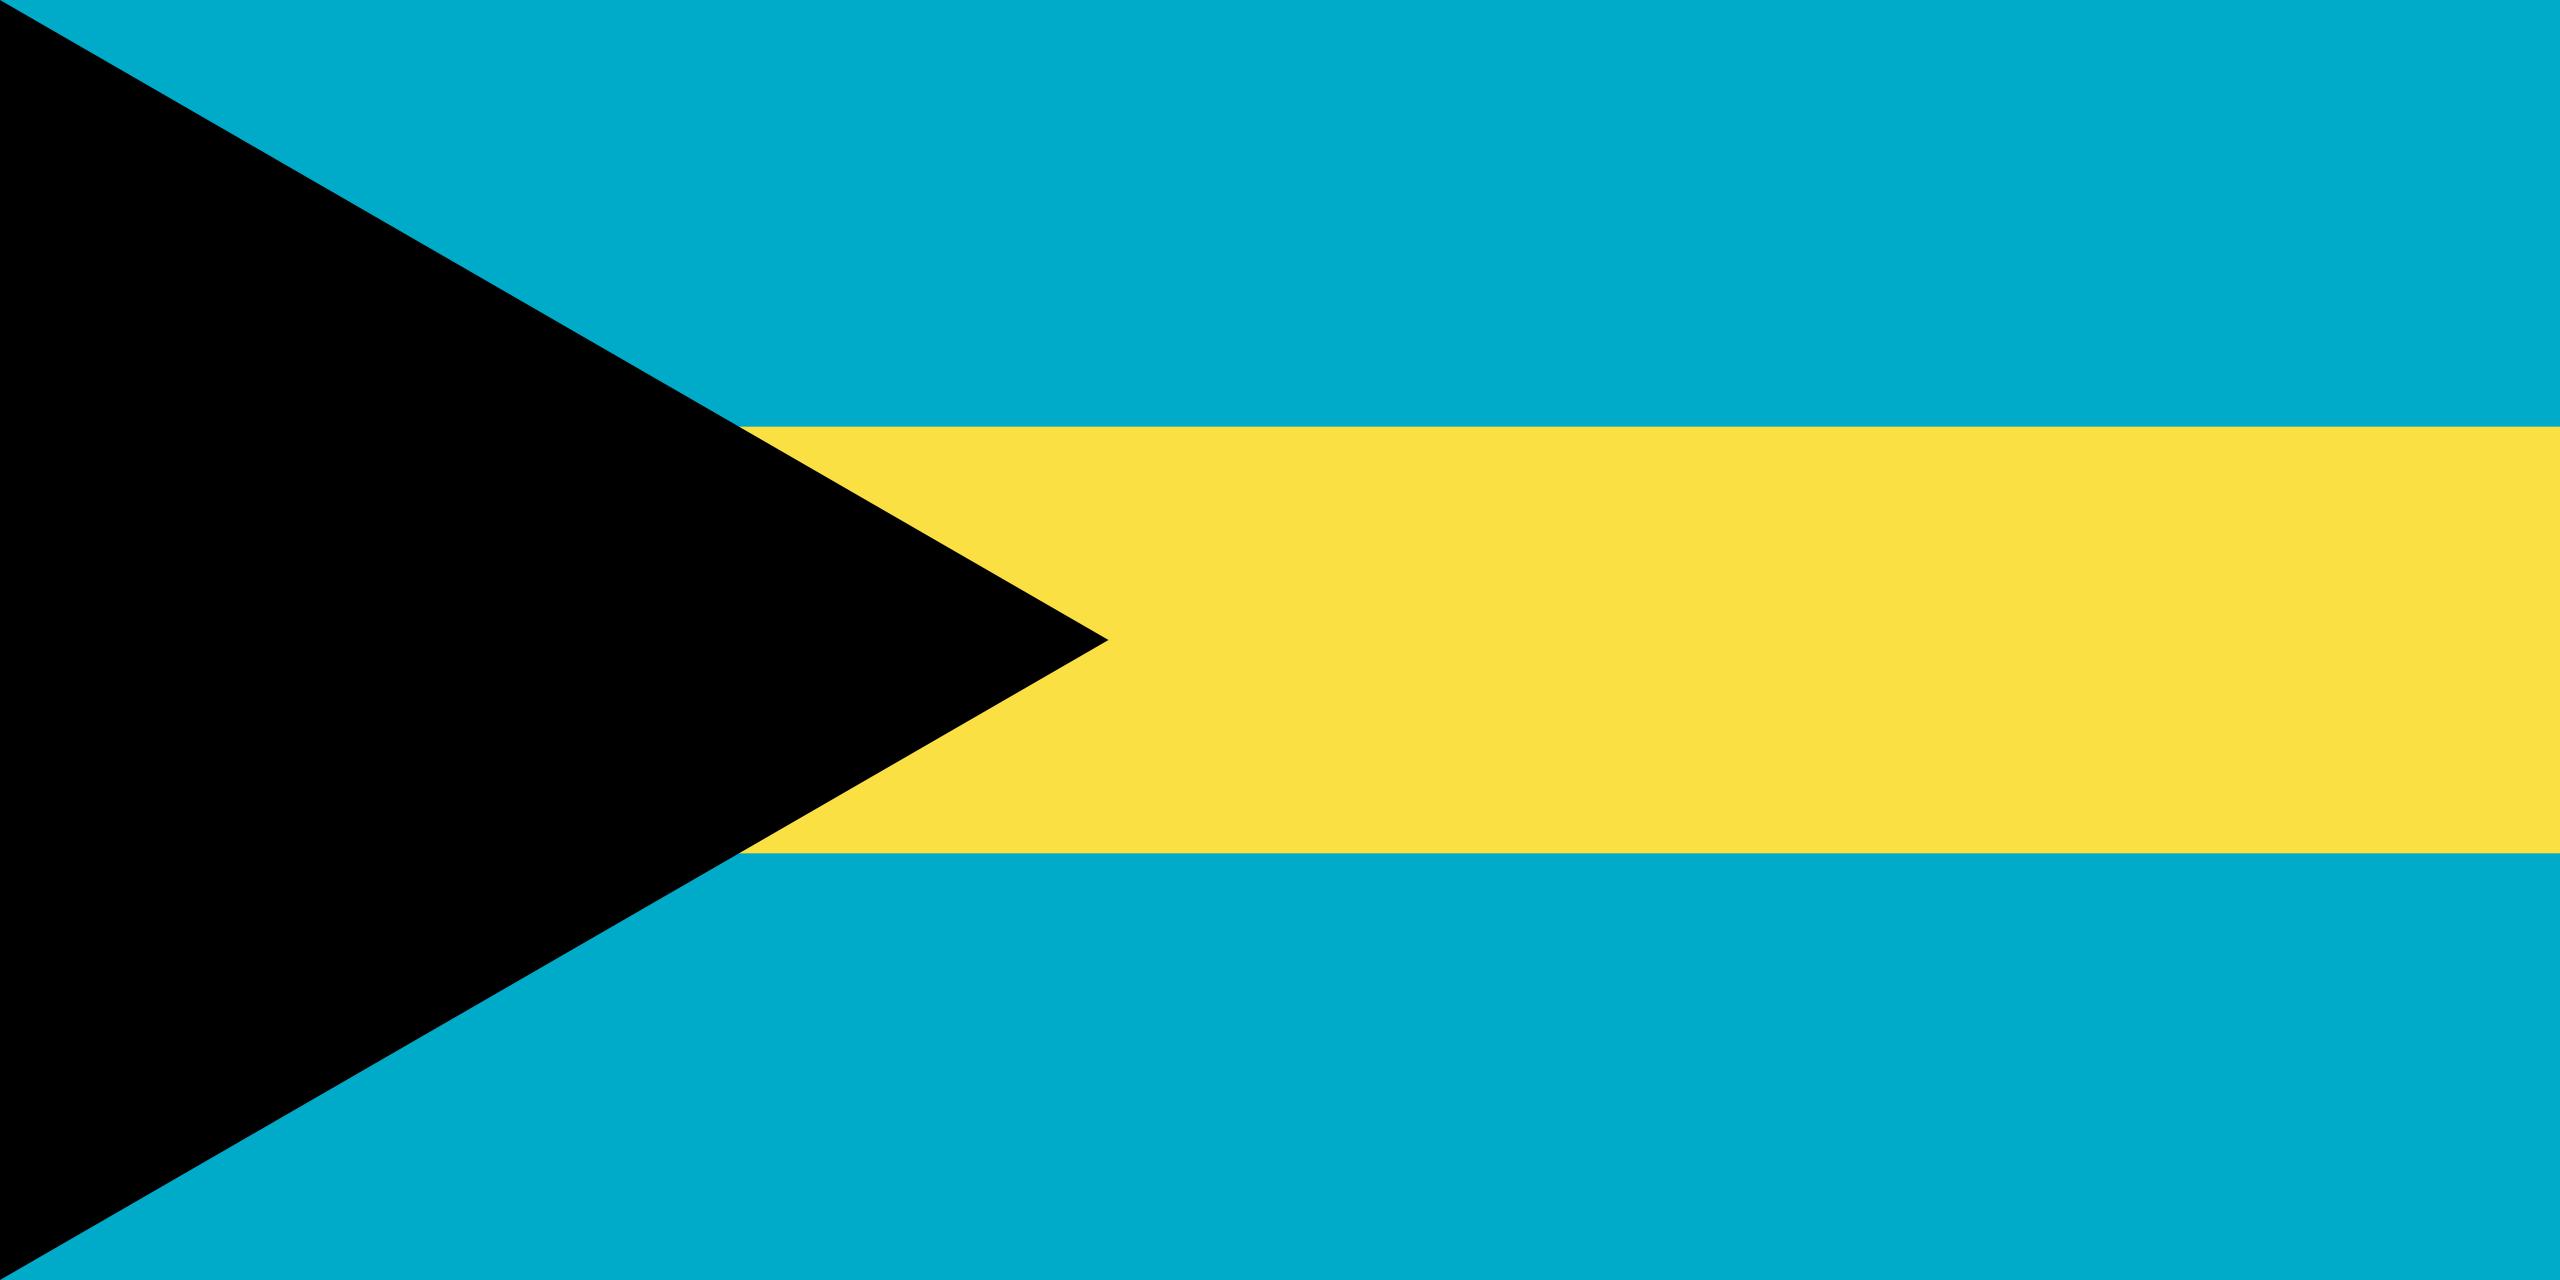 bahamas, 国家, 会徽, 徽标, 符号 - 高清壁纸 - 教授-falken.com